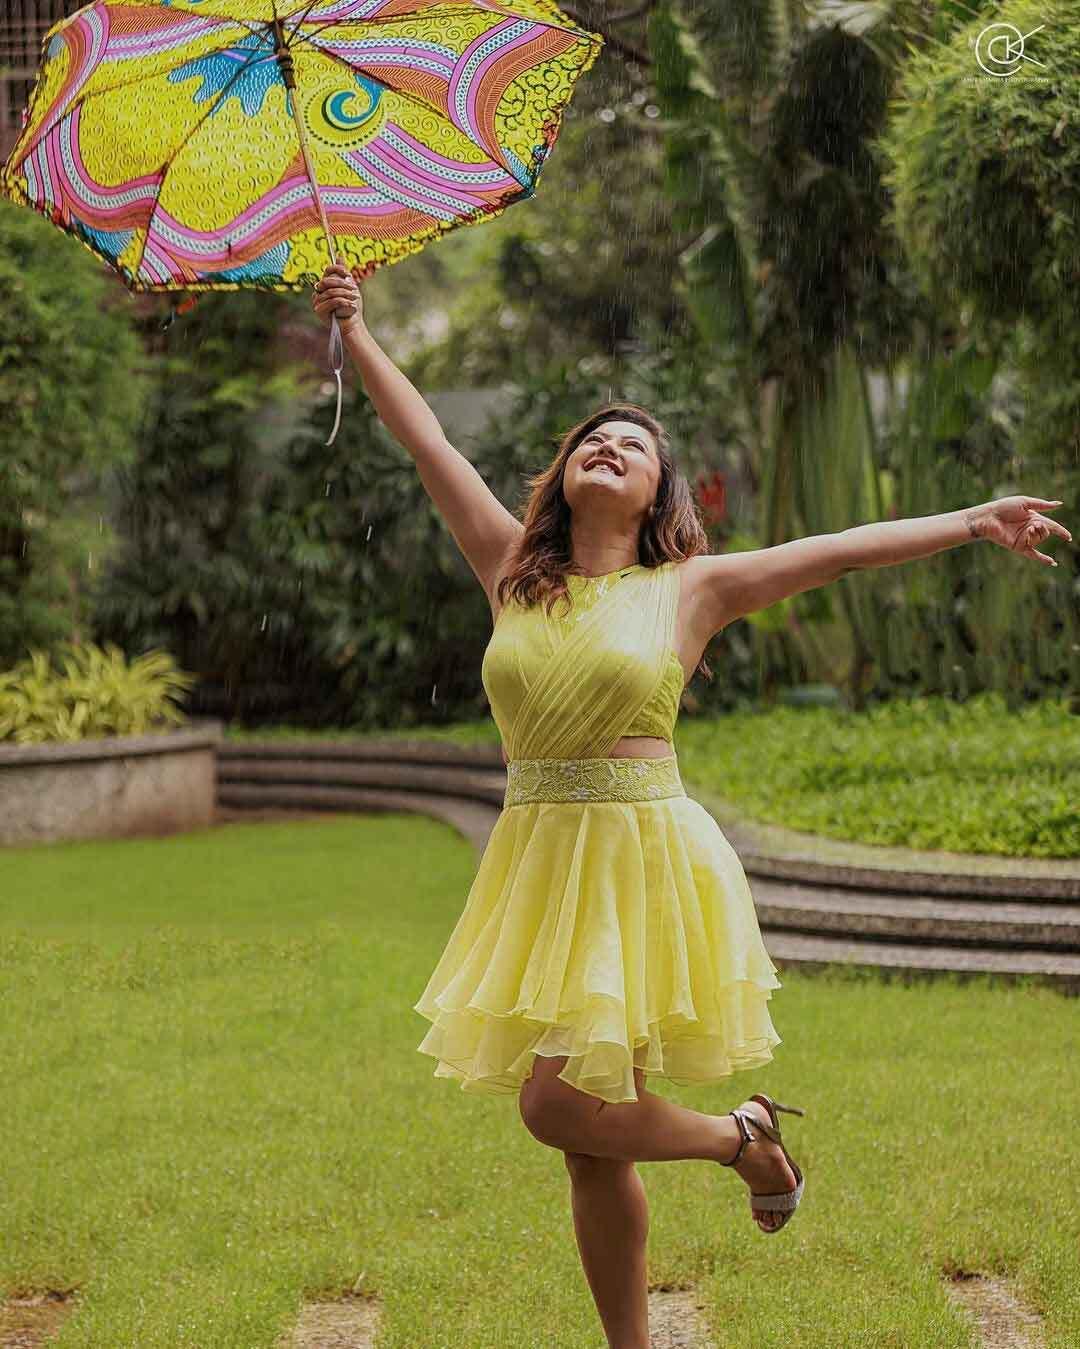 बारिश के मौसम में शॉर्ट ड्रेस में रश्मि देसाई ने लगाया बोल्डनेस का तड़का